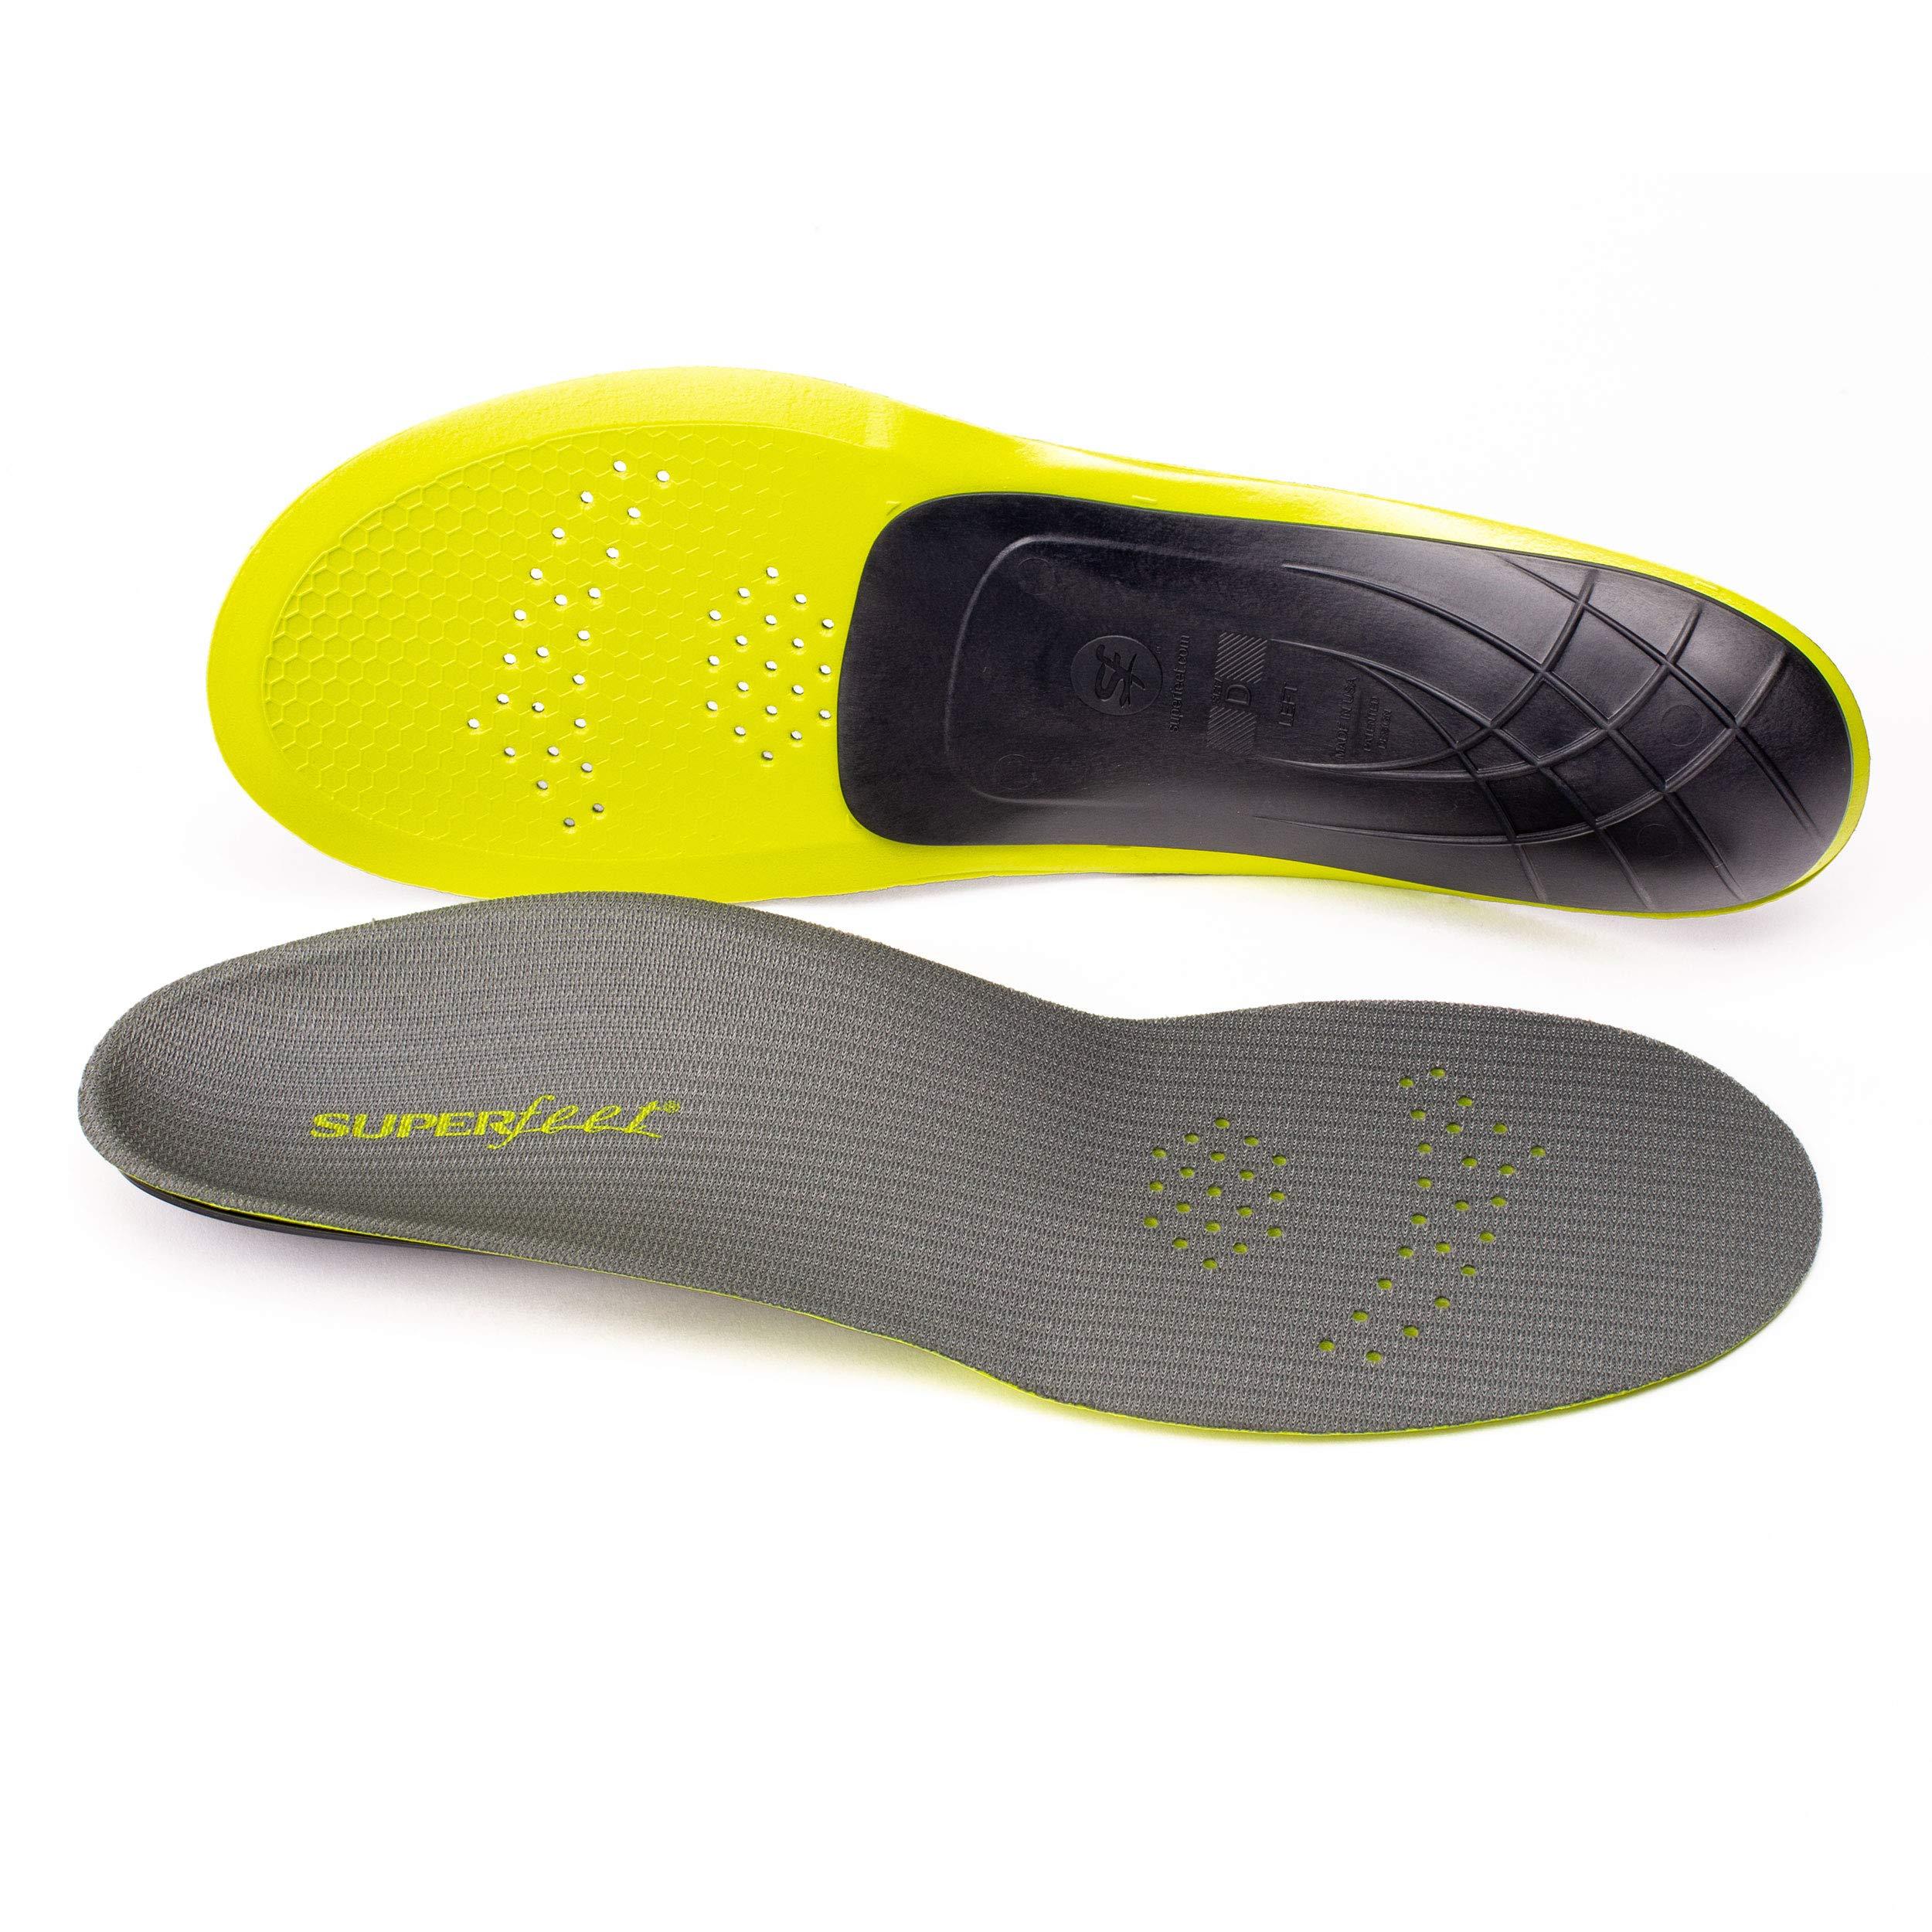 Superfeet CARBON,运动鞋,碳纤维性能薄鞋垫,男女皆宜,灰色